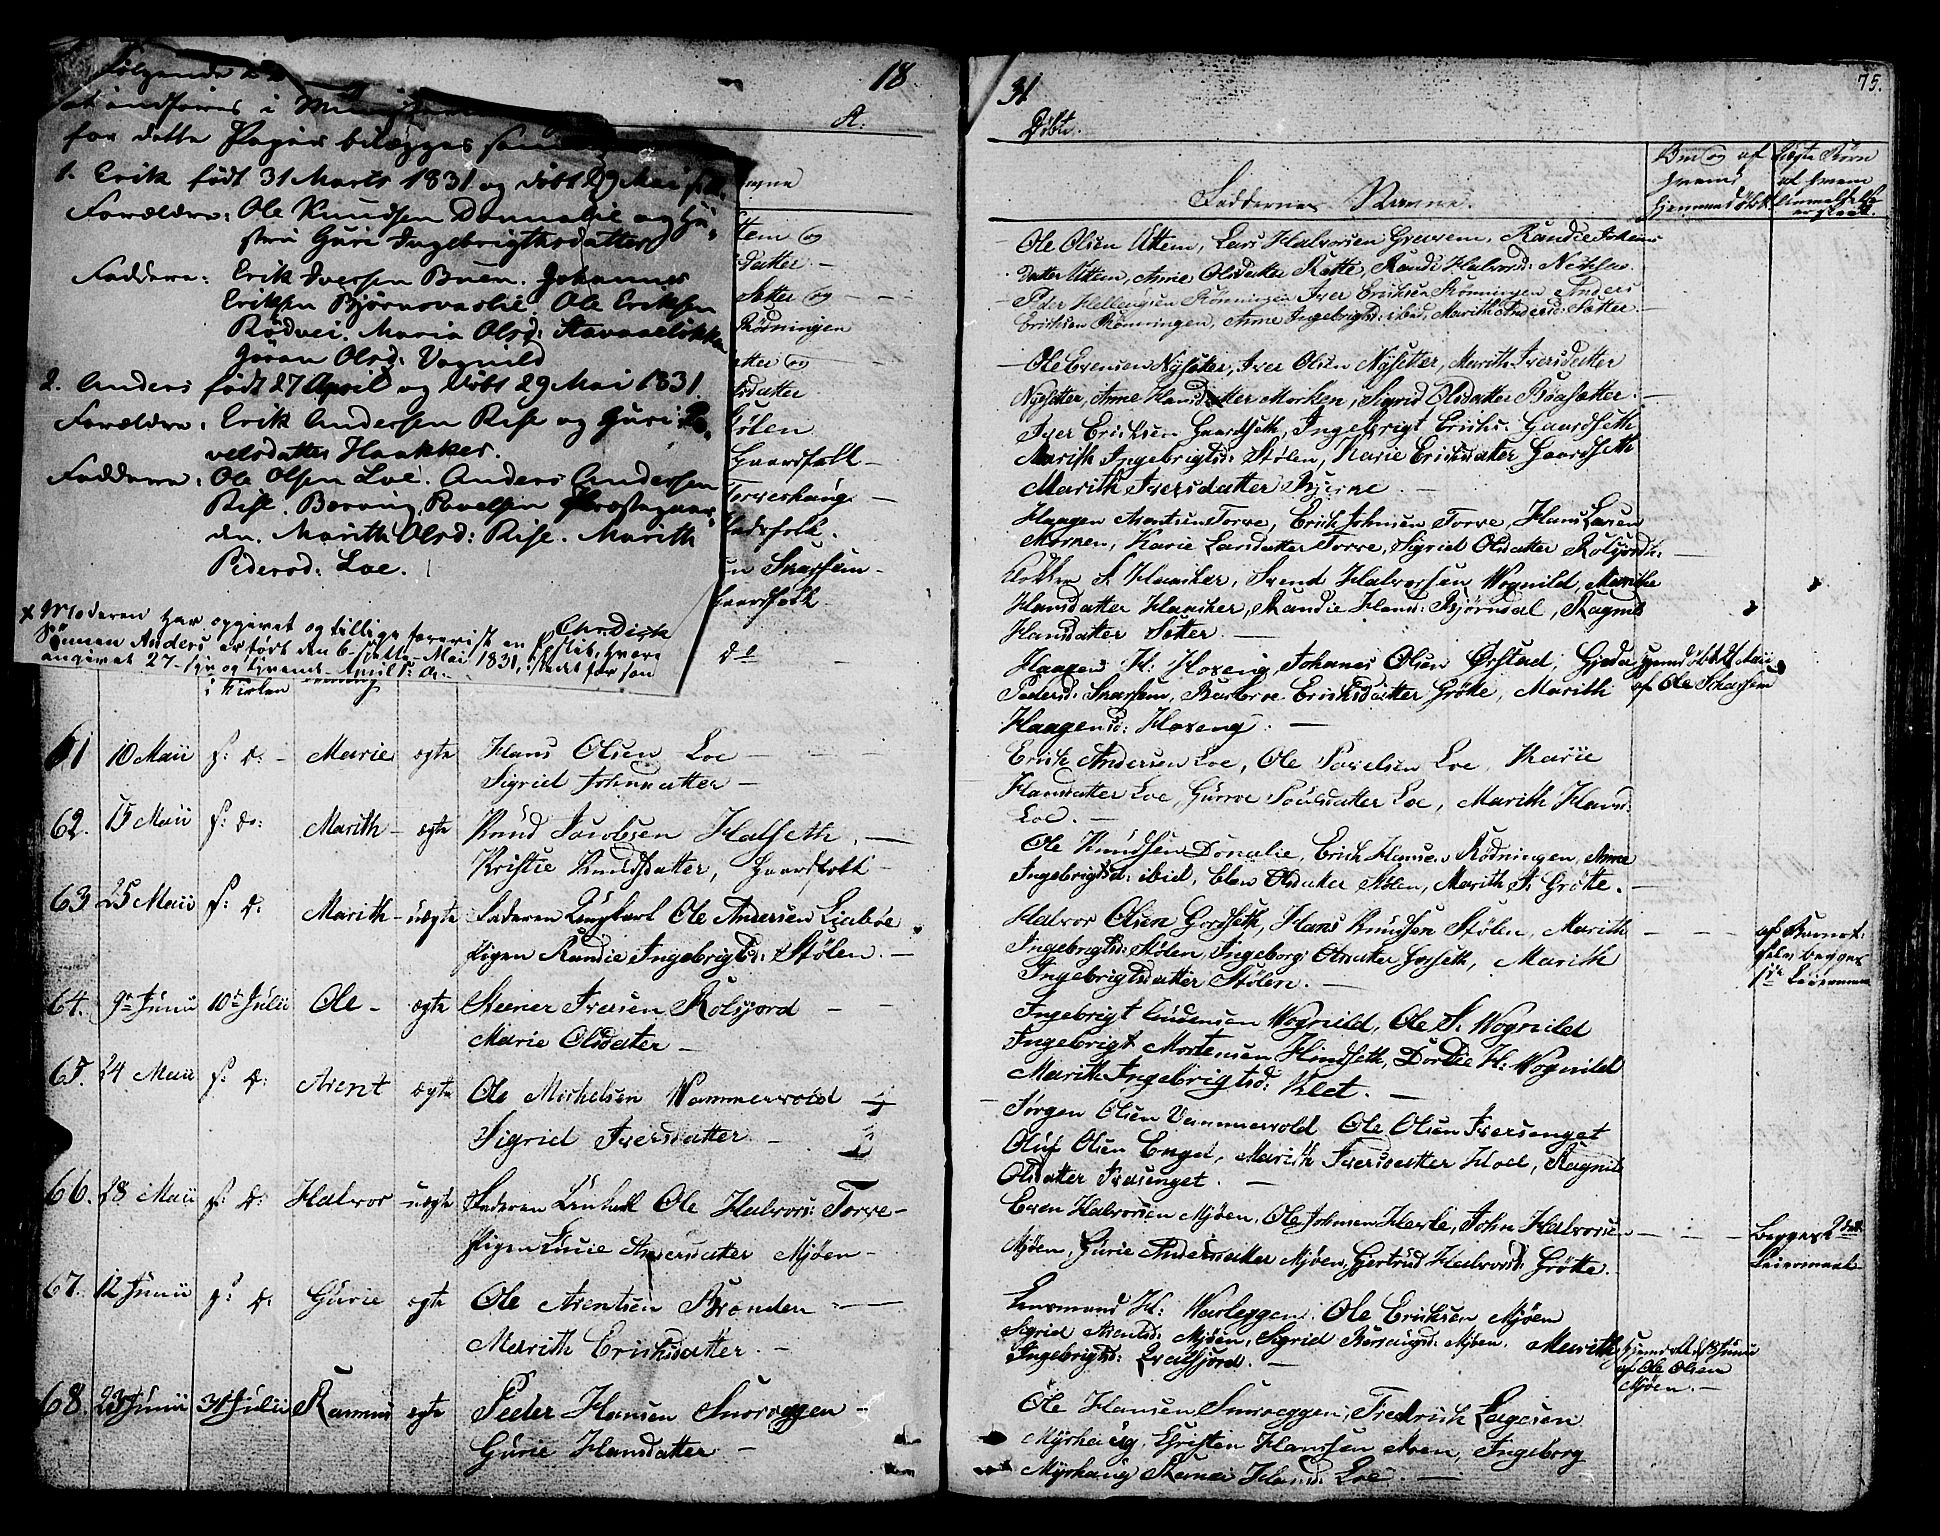 SAT, Ministerialprotokoller, klokkerbøker og fødselsregistre - Sør-Trøndelag, 678/L0897: Ministerialbok nr. 678A06-07, 1821-1847, s. 75